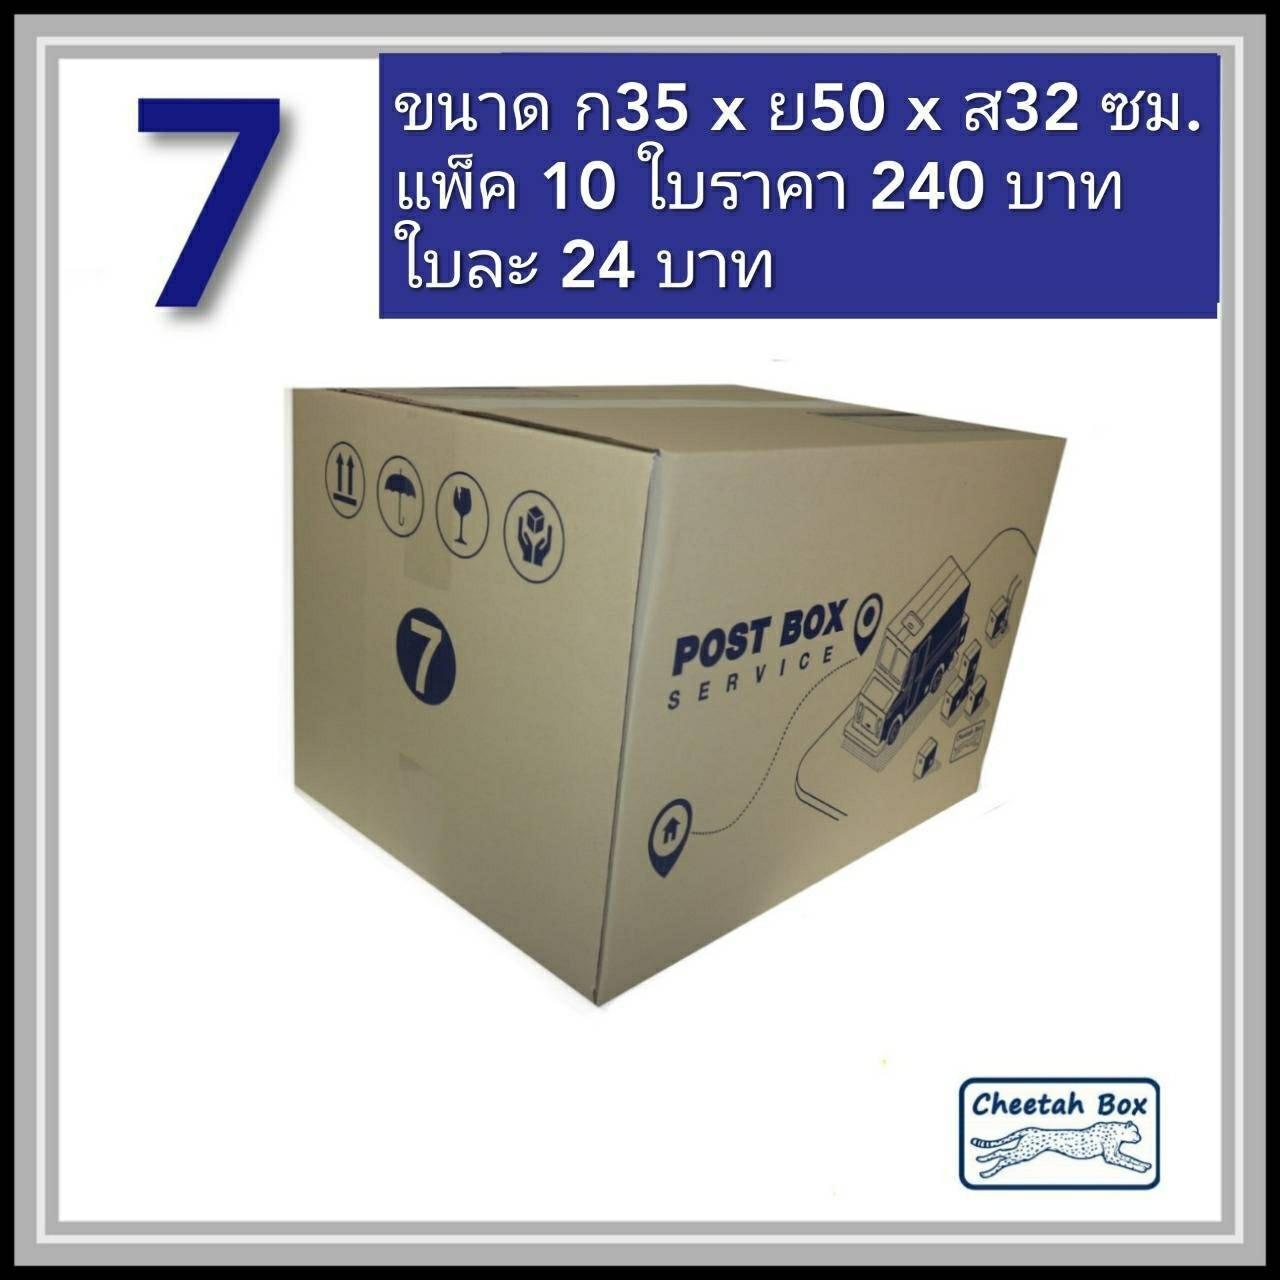 กล่องไปรษณีย์ 7 ลูกฟูก 3 ชั้น (Cheetah Box ขนาด 35*50*32 CM)